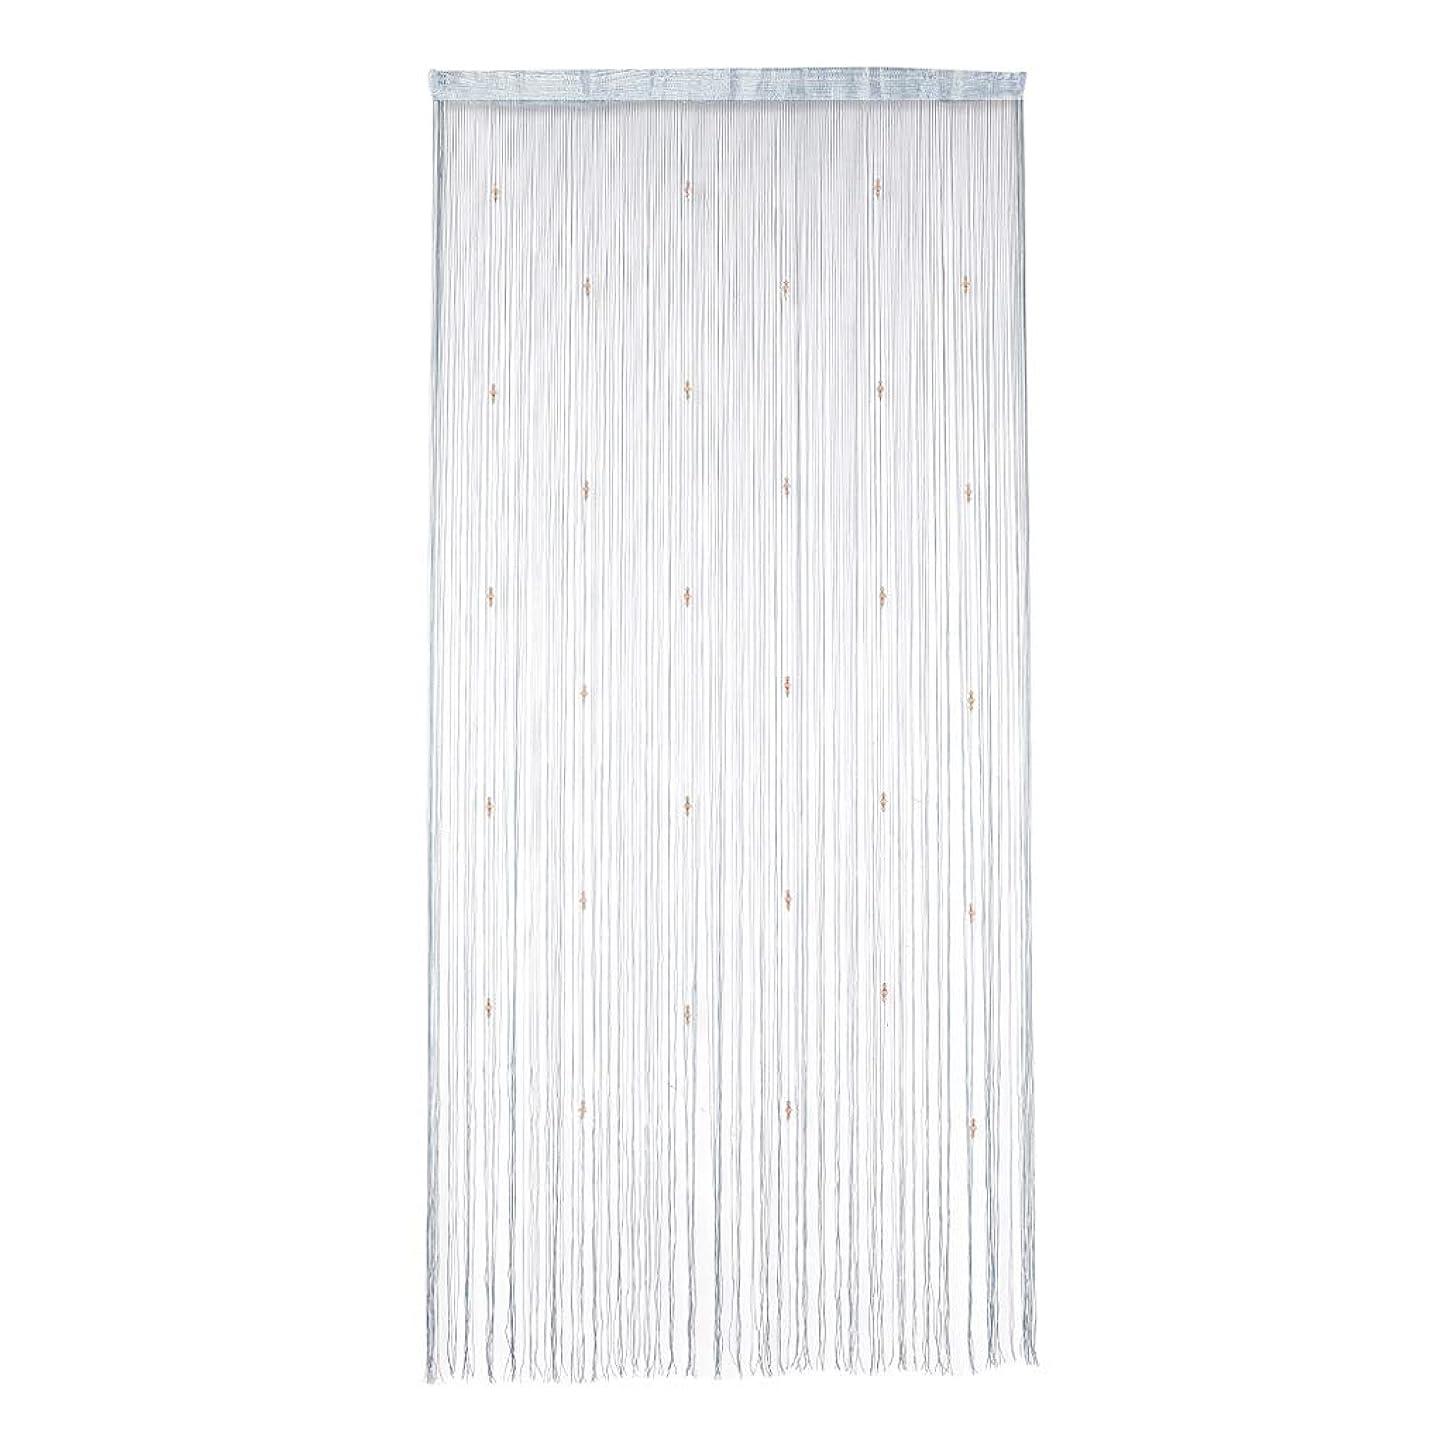 とにかく応用平衡amleso コードスクリーン ひものれん ストリングカーテン 間仕切り 100×200cm 通気性 全17色 - グレー